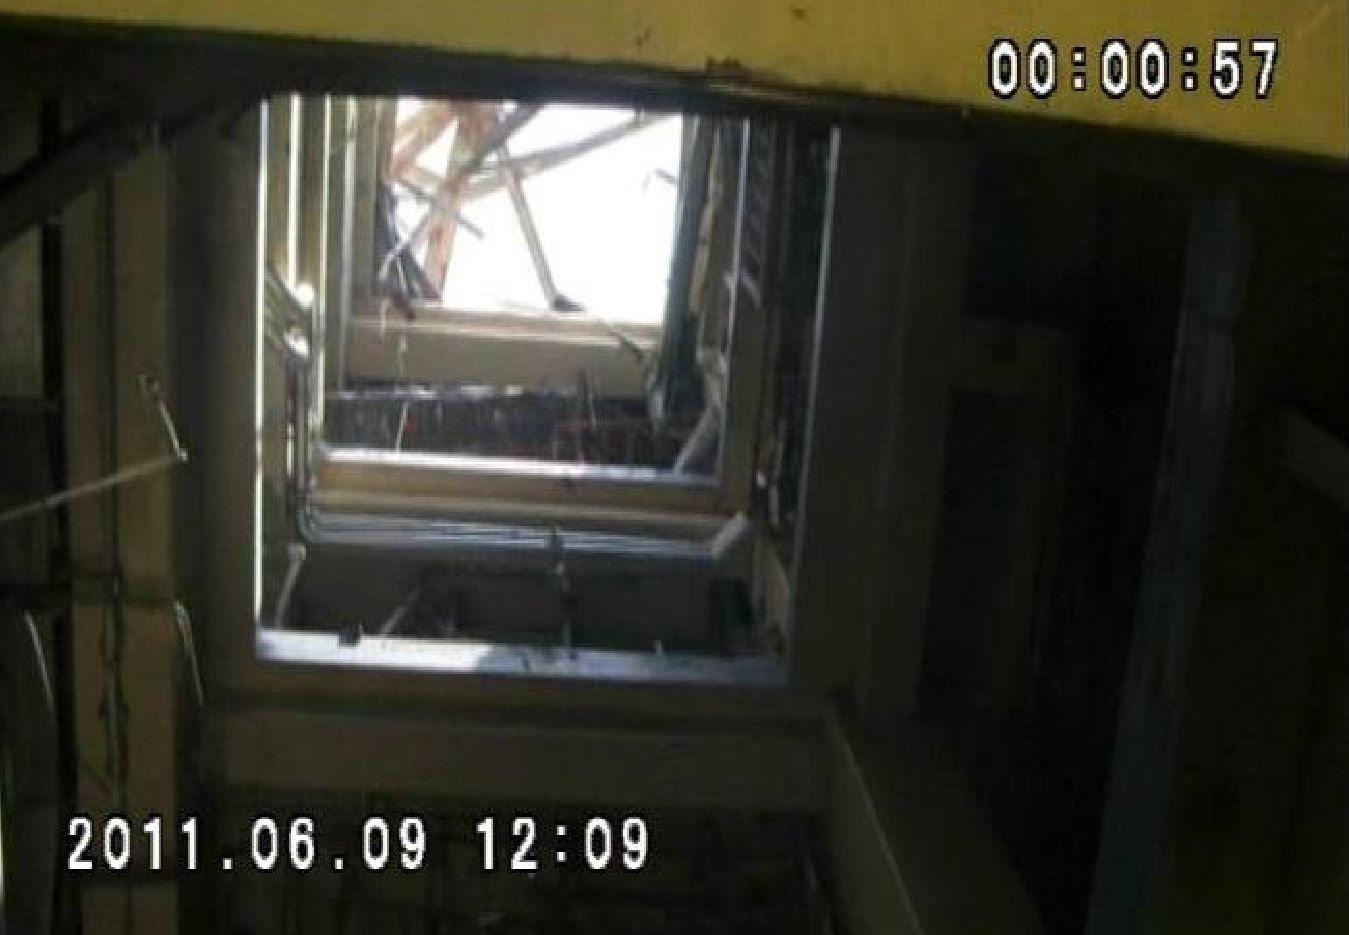 Fig. 90 : Sas d'accès matériel du BR4 (Instantané d'une vidéo de visite du BR4 en juin 2011)